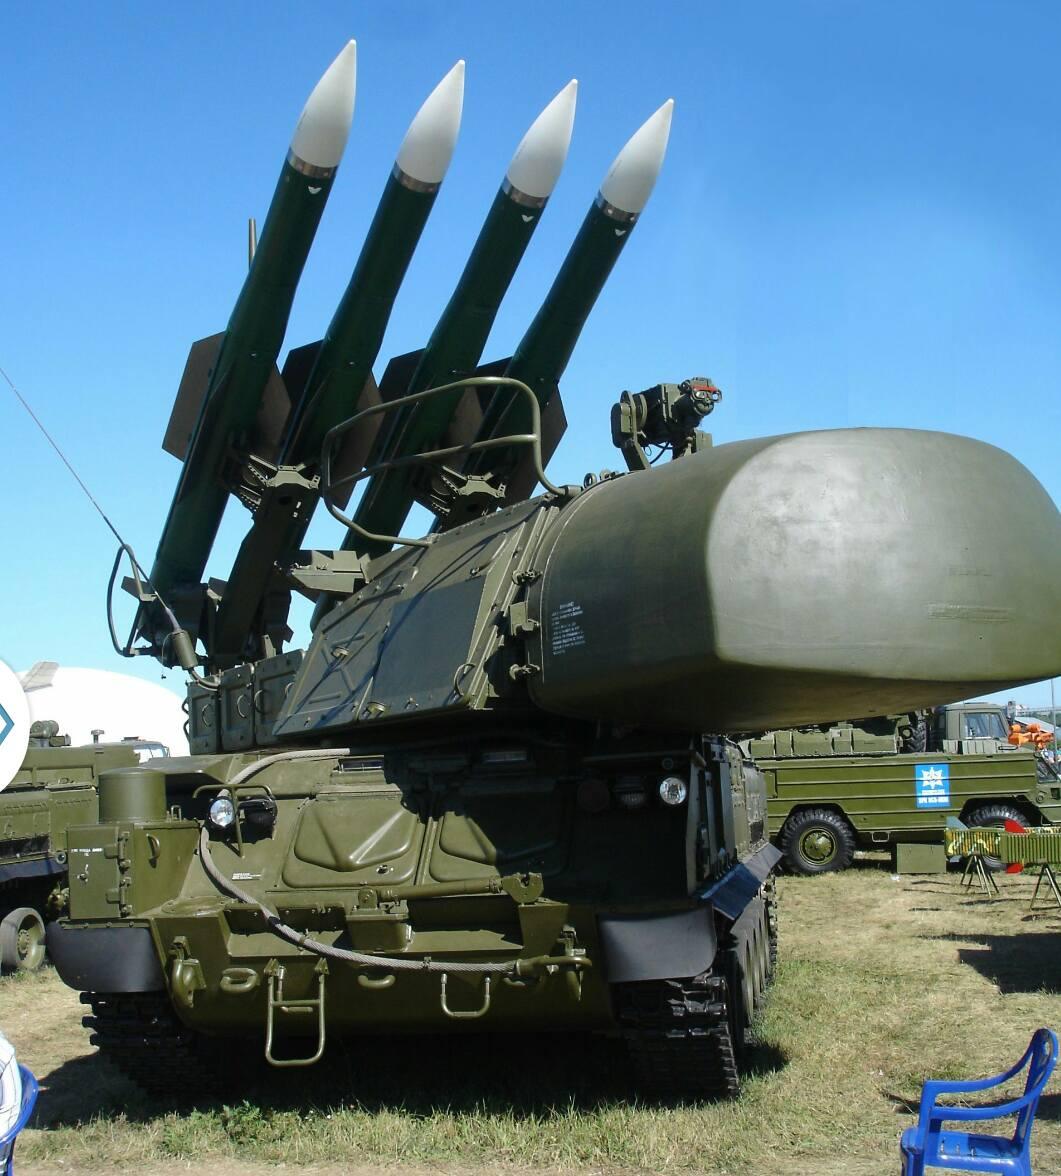 اسقاط صواريخ اسرائيلية كانت تستهدف مطار التيفور